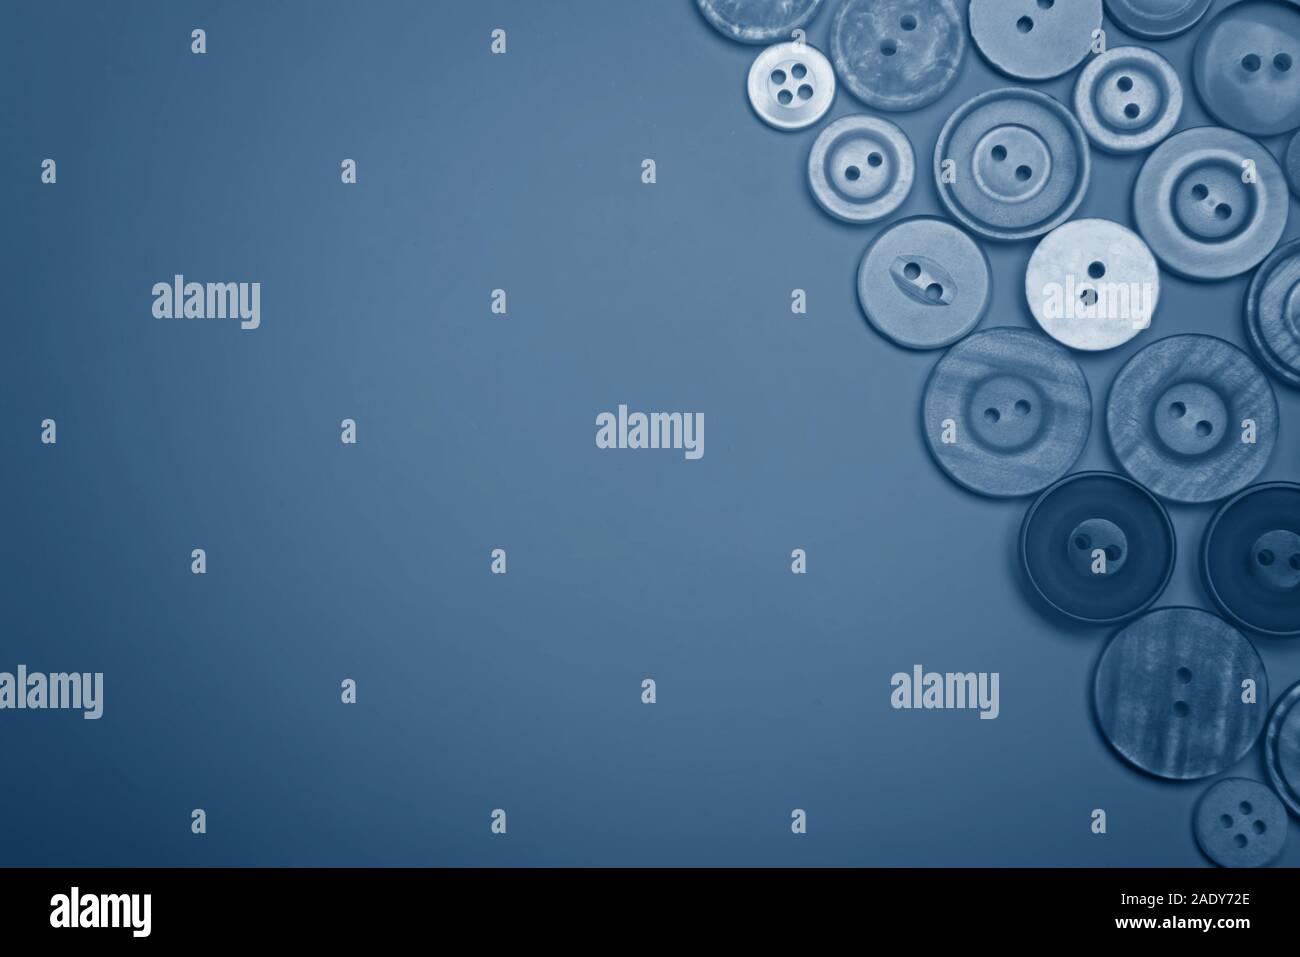 Botones de diferentes colores en tonos de azul. Sentar planas. Foto de stock